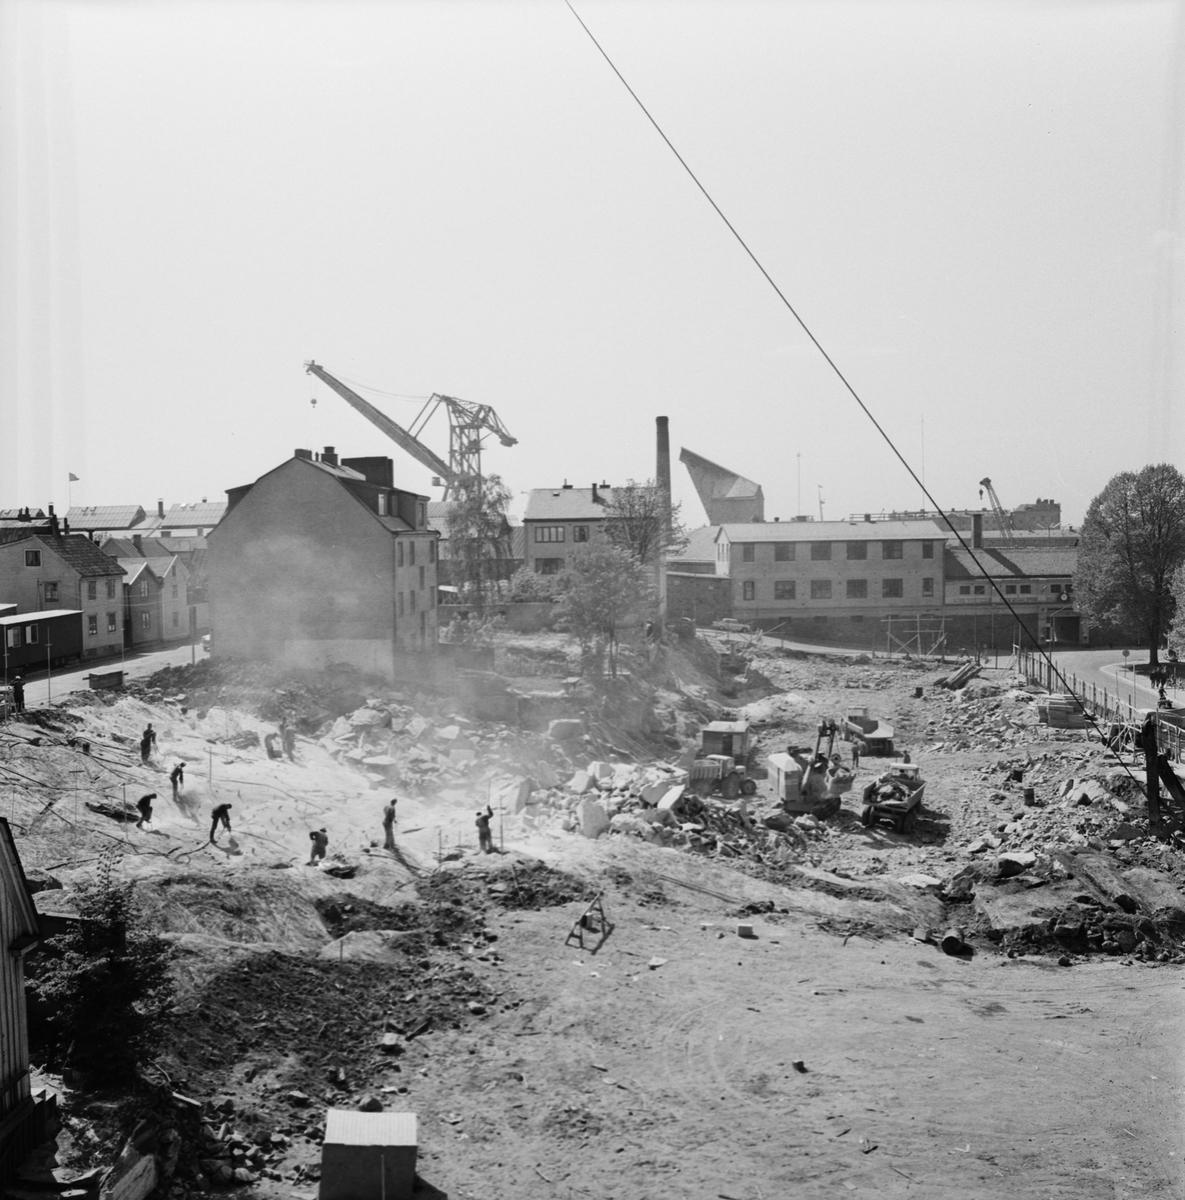 Övrigt: Foto datum: 4/6 1965 Byggnader och kranar Kvarteret pollux